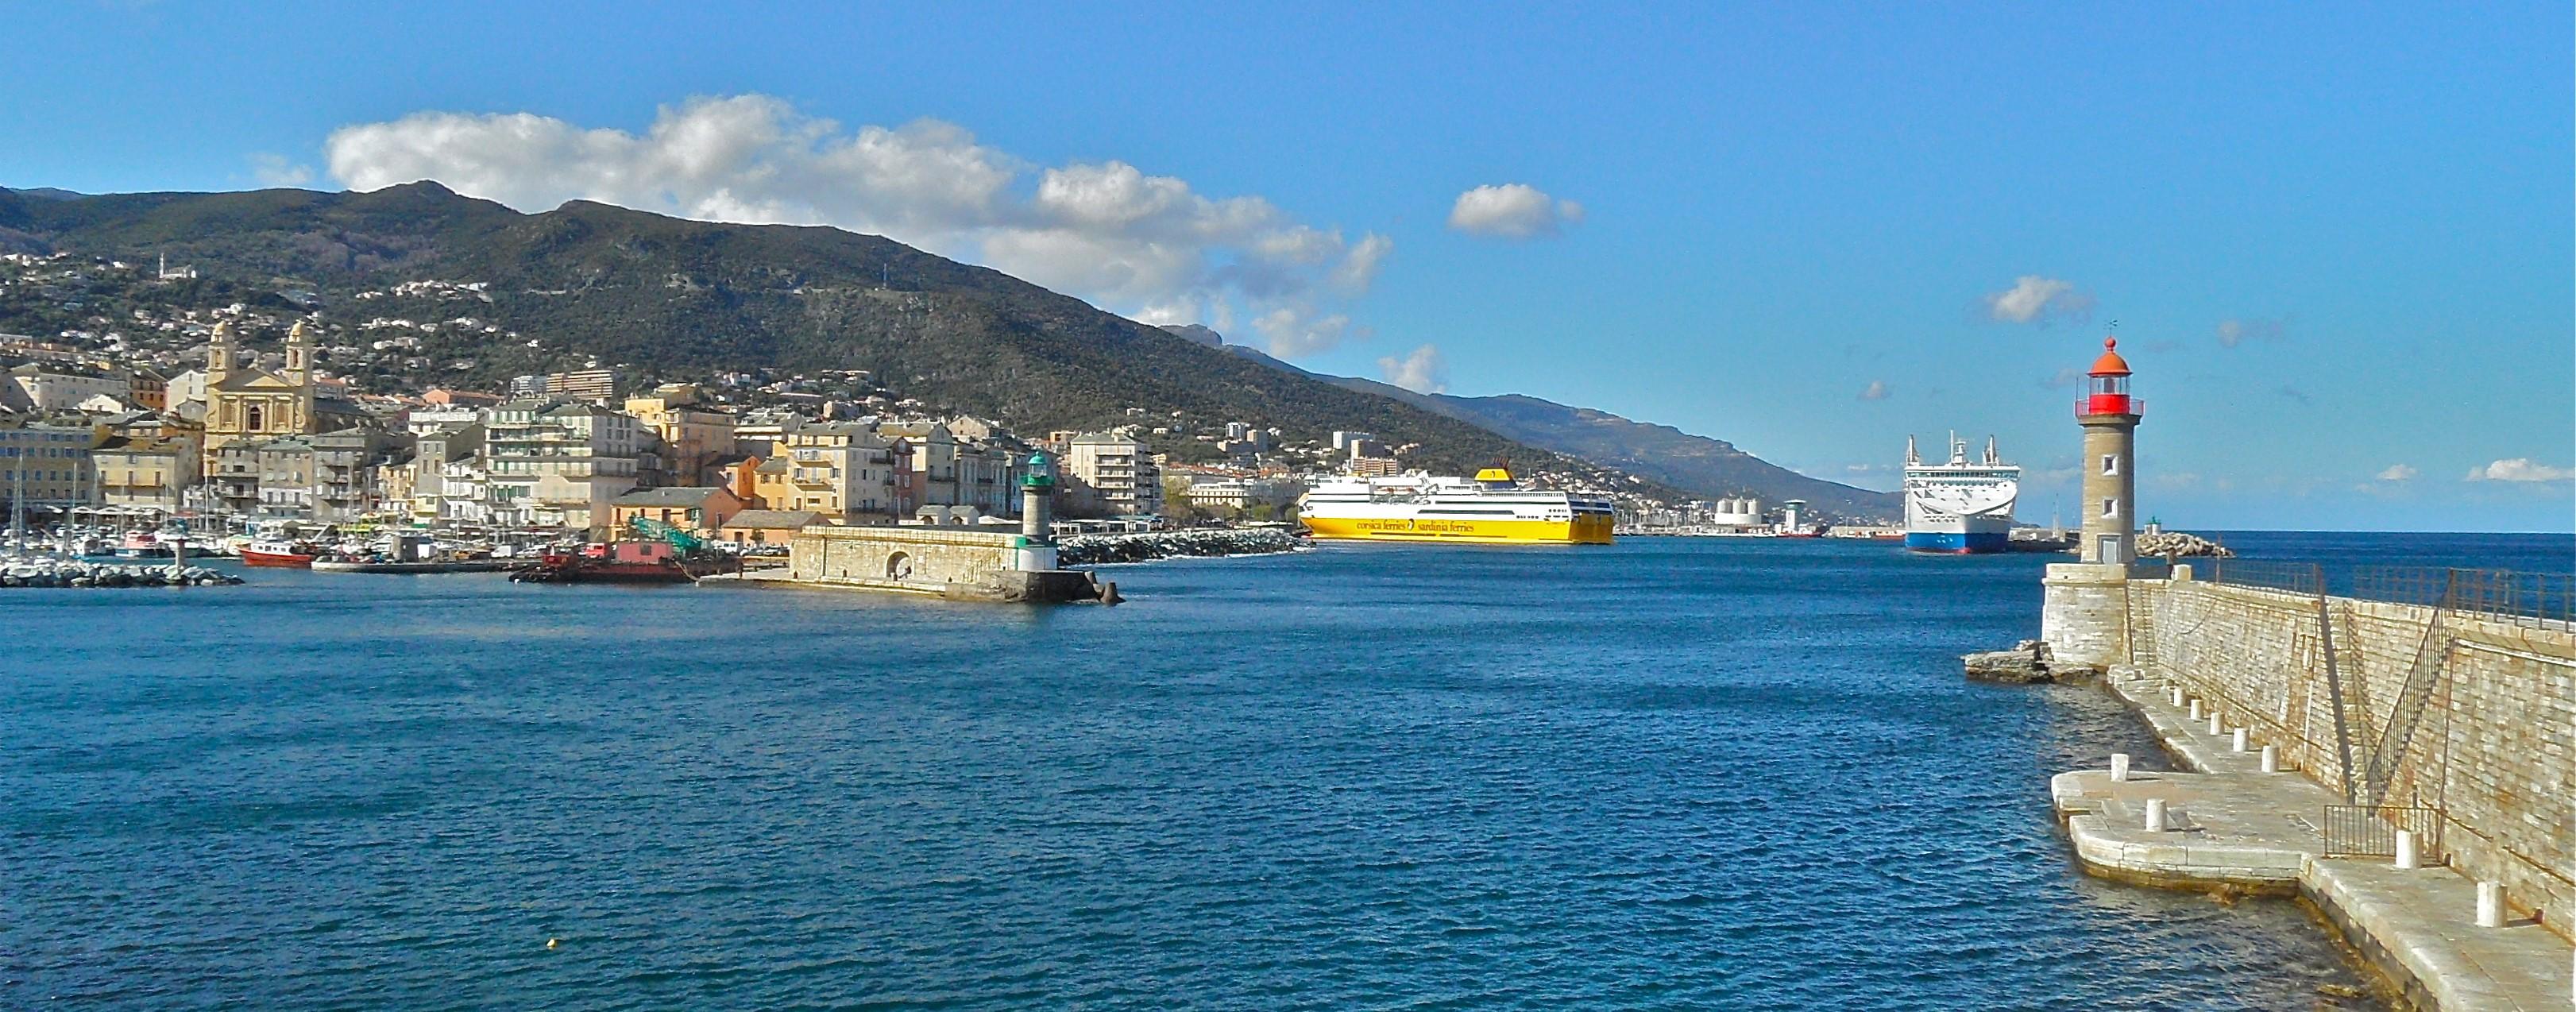 Bastia viieux port peche mag fr - Vieux port bastia ...